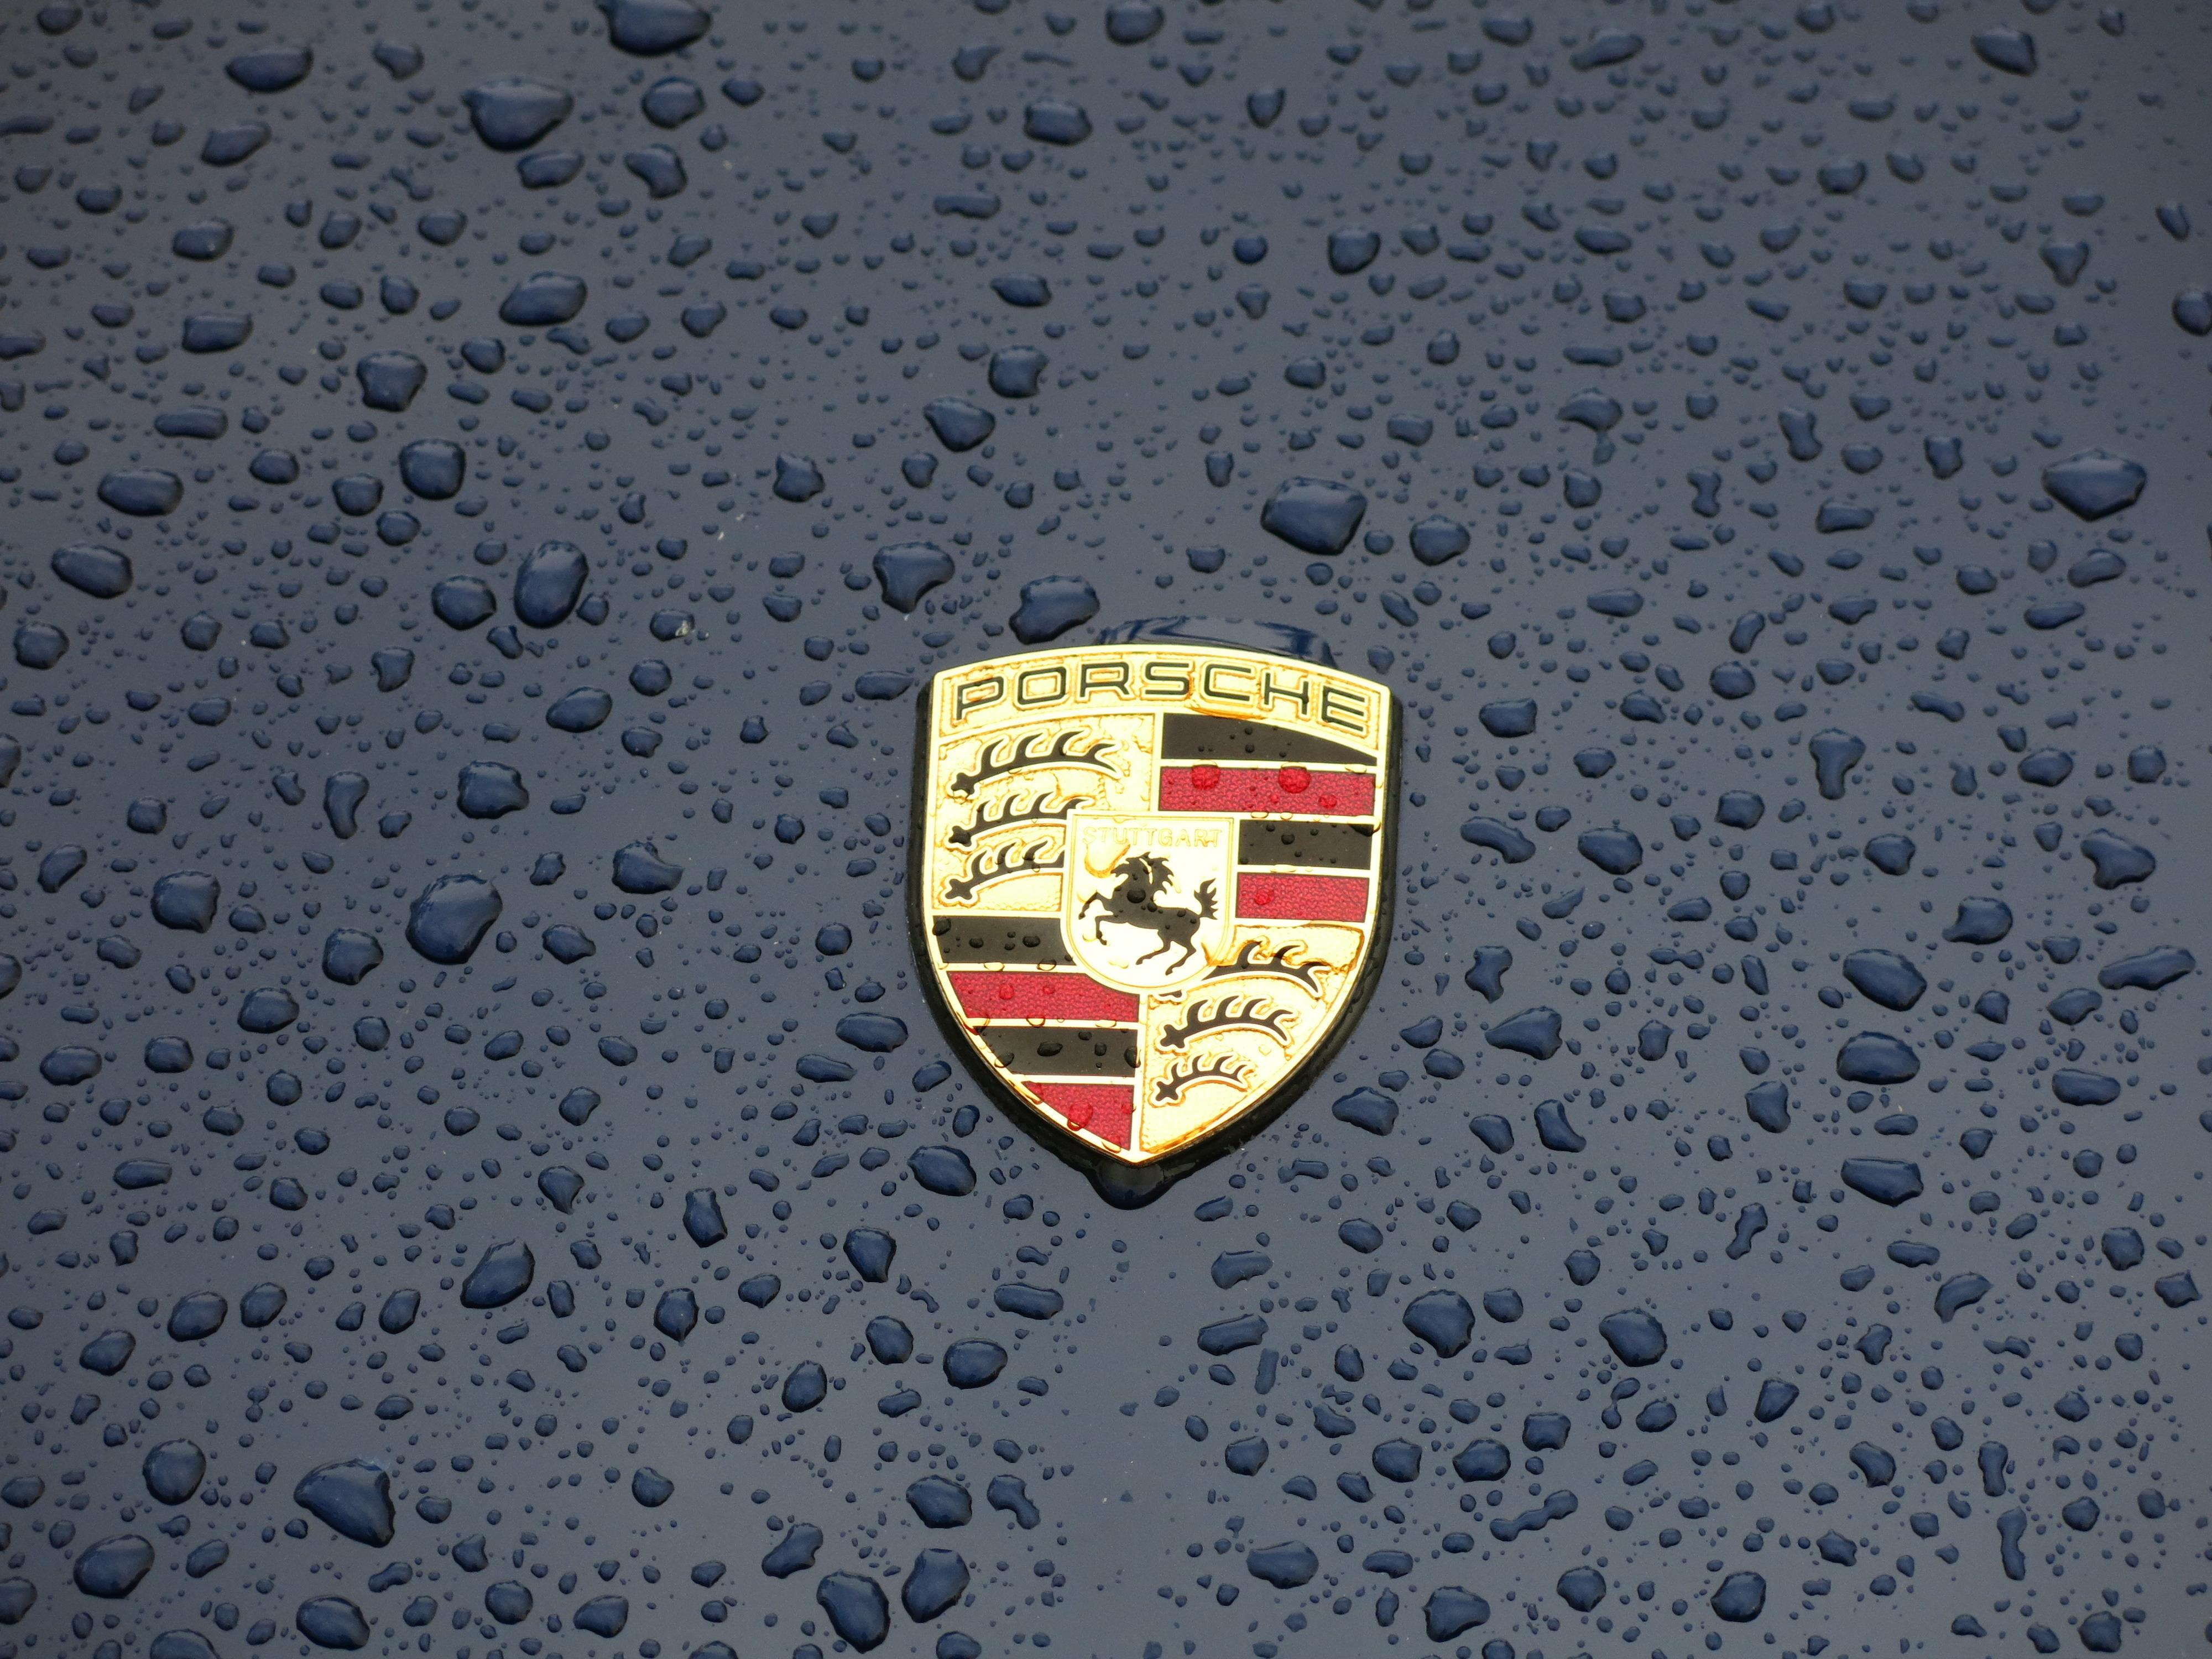 Coches de competicin para recordar Porsche   Competicin 4000x3000